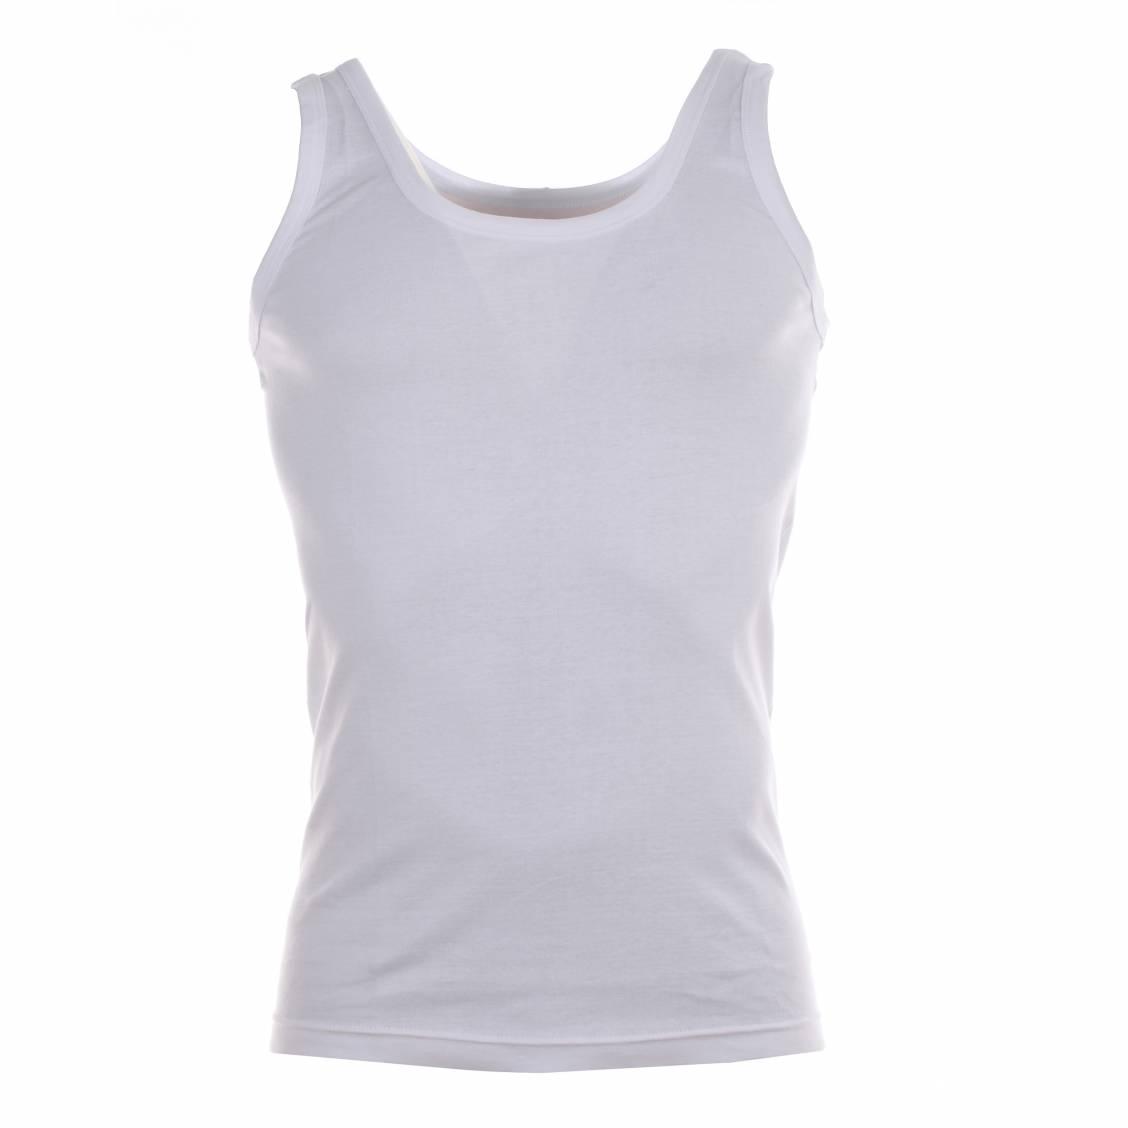 NewChic offre le meilleur T-shirts & Débardeurs en ligne, toutes sortes de T-shirts & Débardeurs vendent à des prix abordables, T-shirts & Débardeurs par les dernières tendances de la mode.